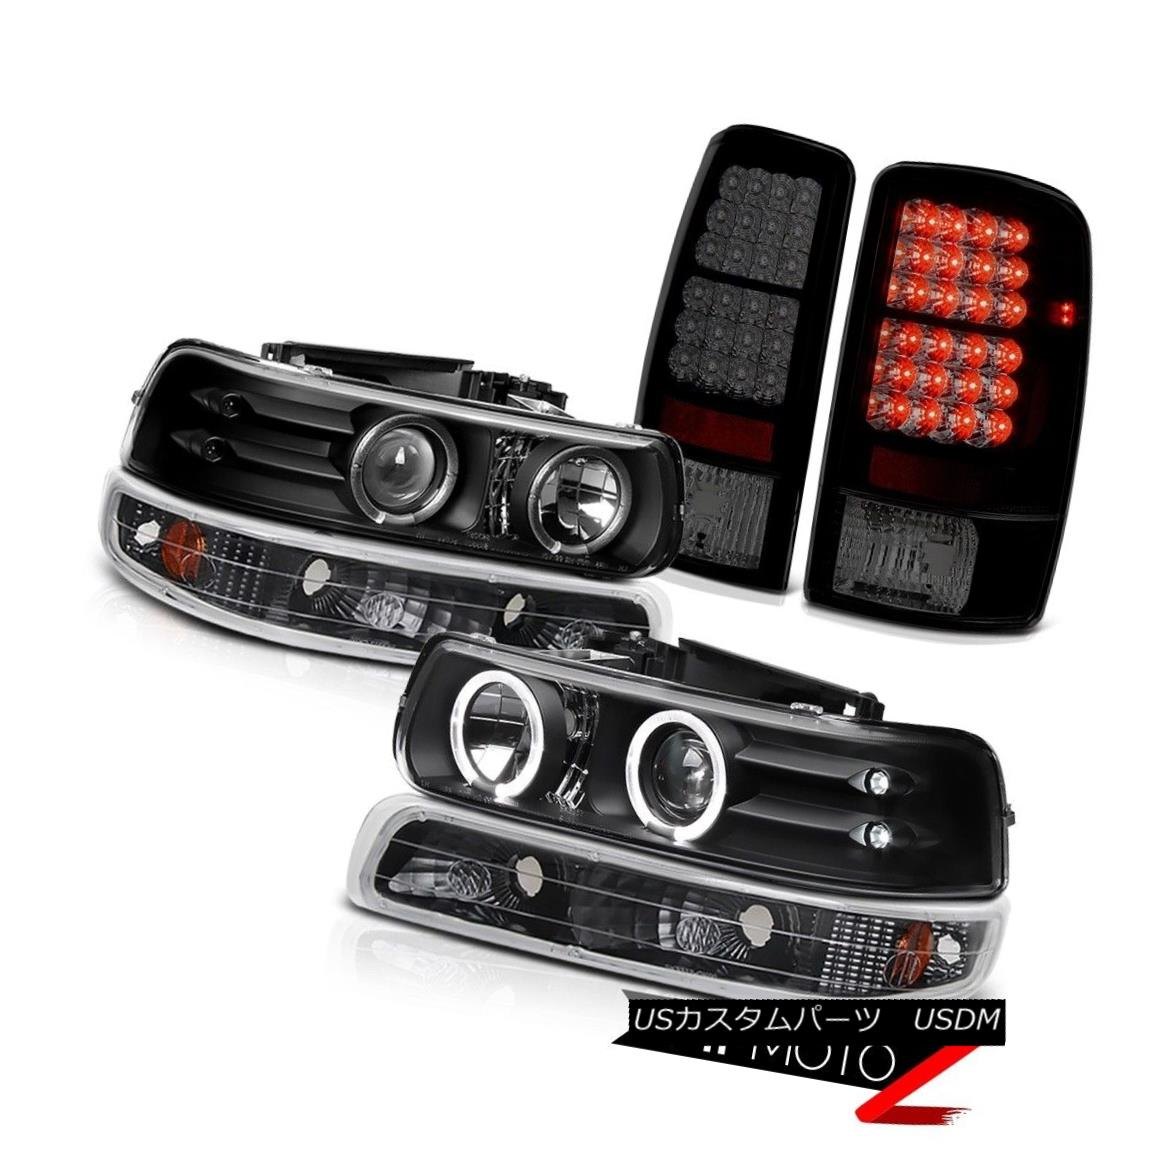 テールライト 2X Angel Eye Projector Headlights Parking Smoke LED Brake Lamps 01-06 Tahoe Z71 2XエンジェルアイプロジェクターヘッドライトパーキングスモークLEDブレーキランプ01-06タホZ71